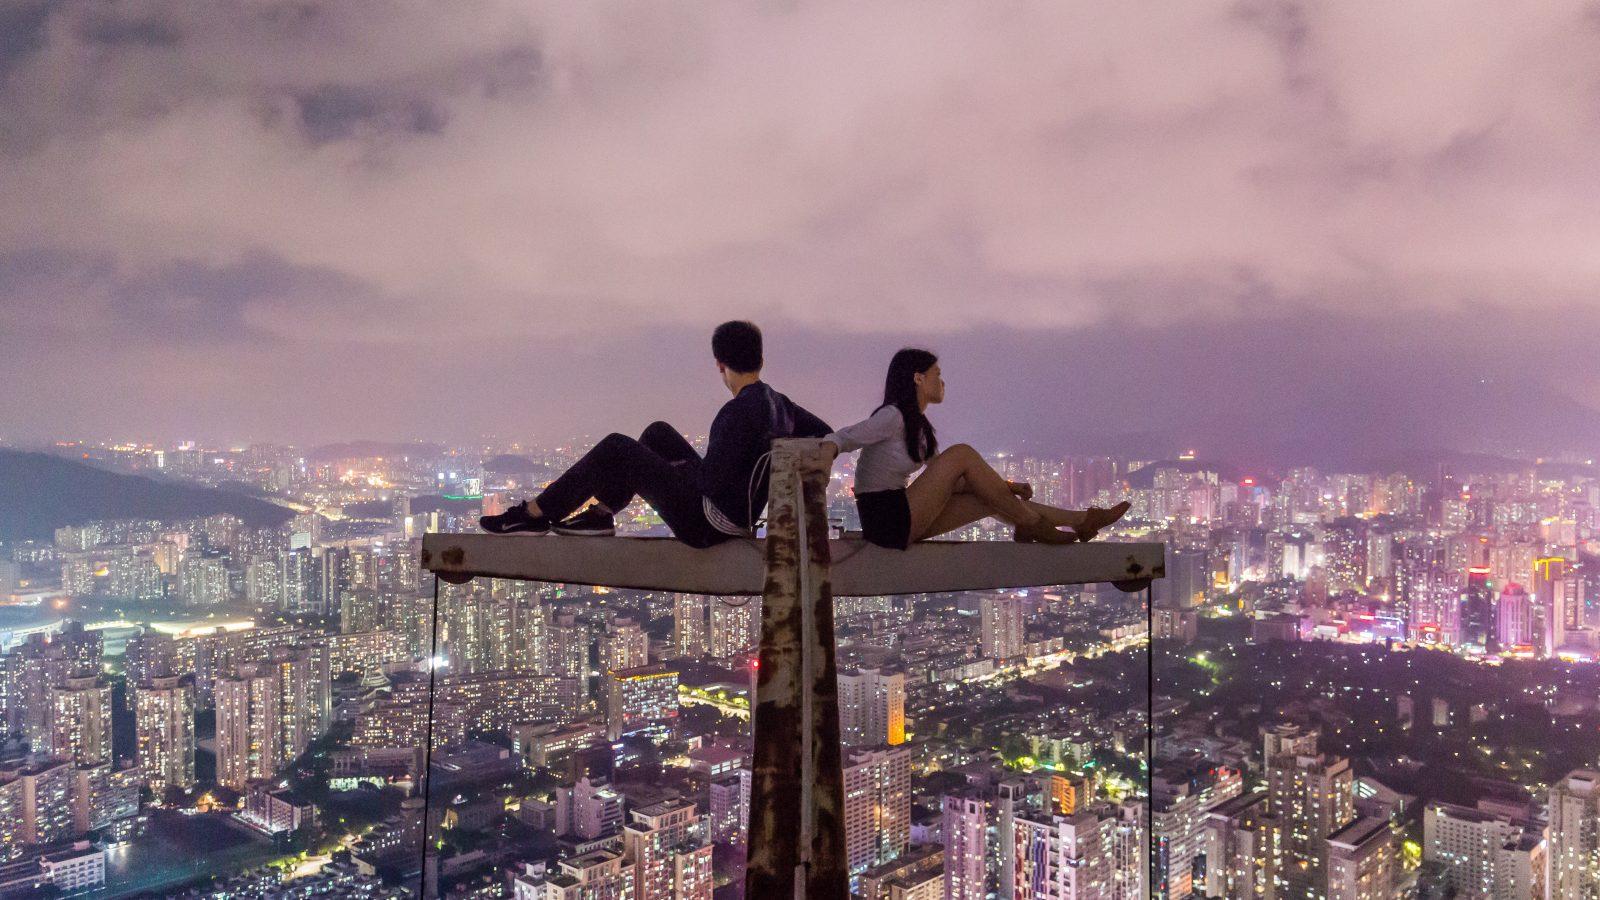 Todas las relaciones tienen una ley: nunca hagas sentirse sola a la persona que quieres, sobre todo cuando estás con ella